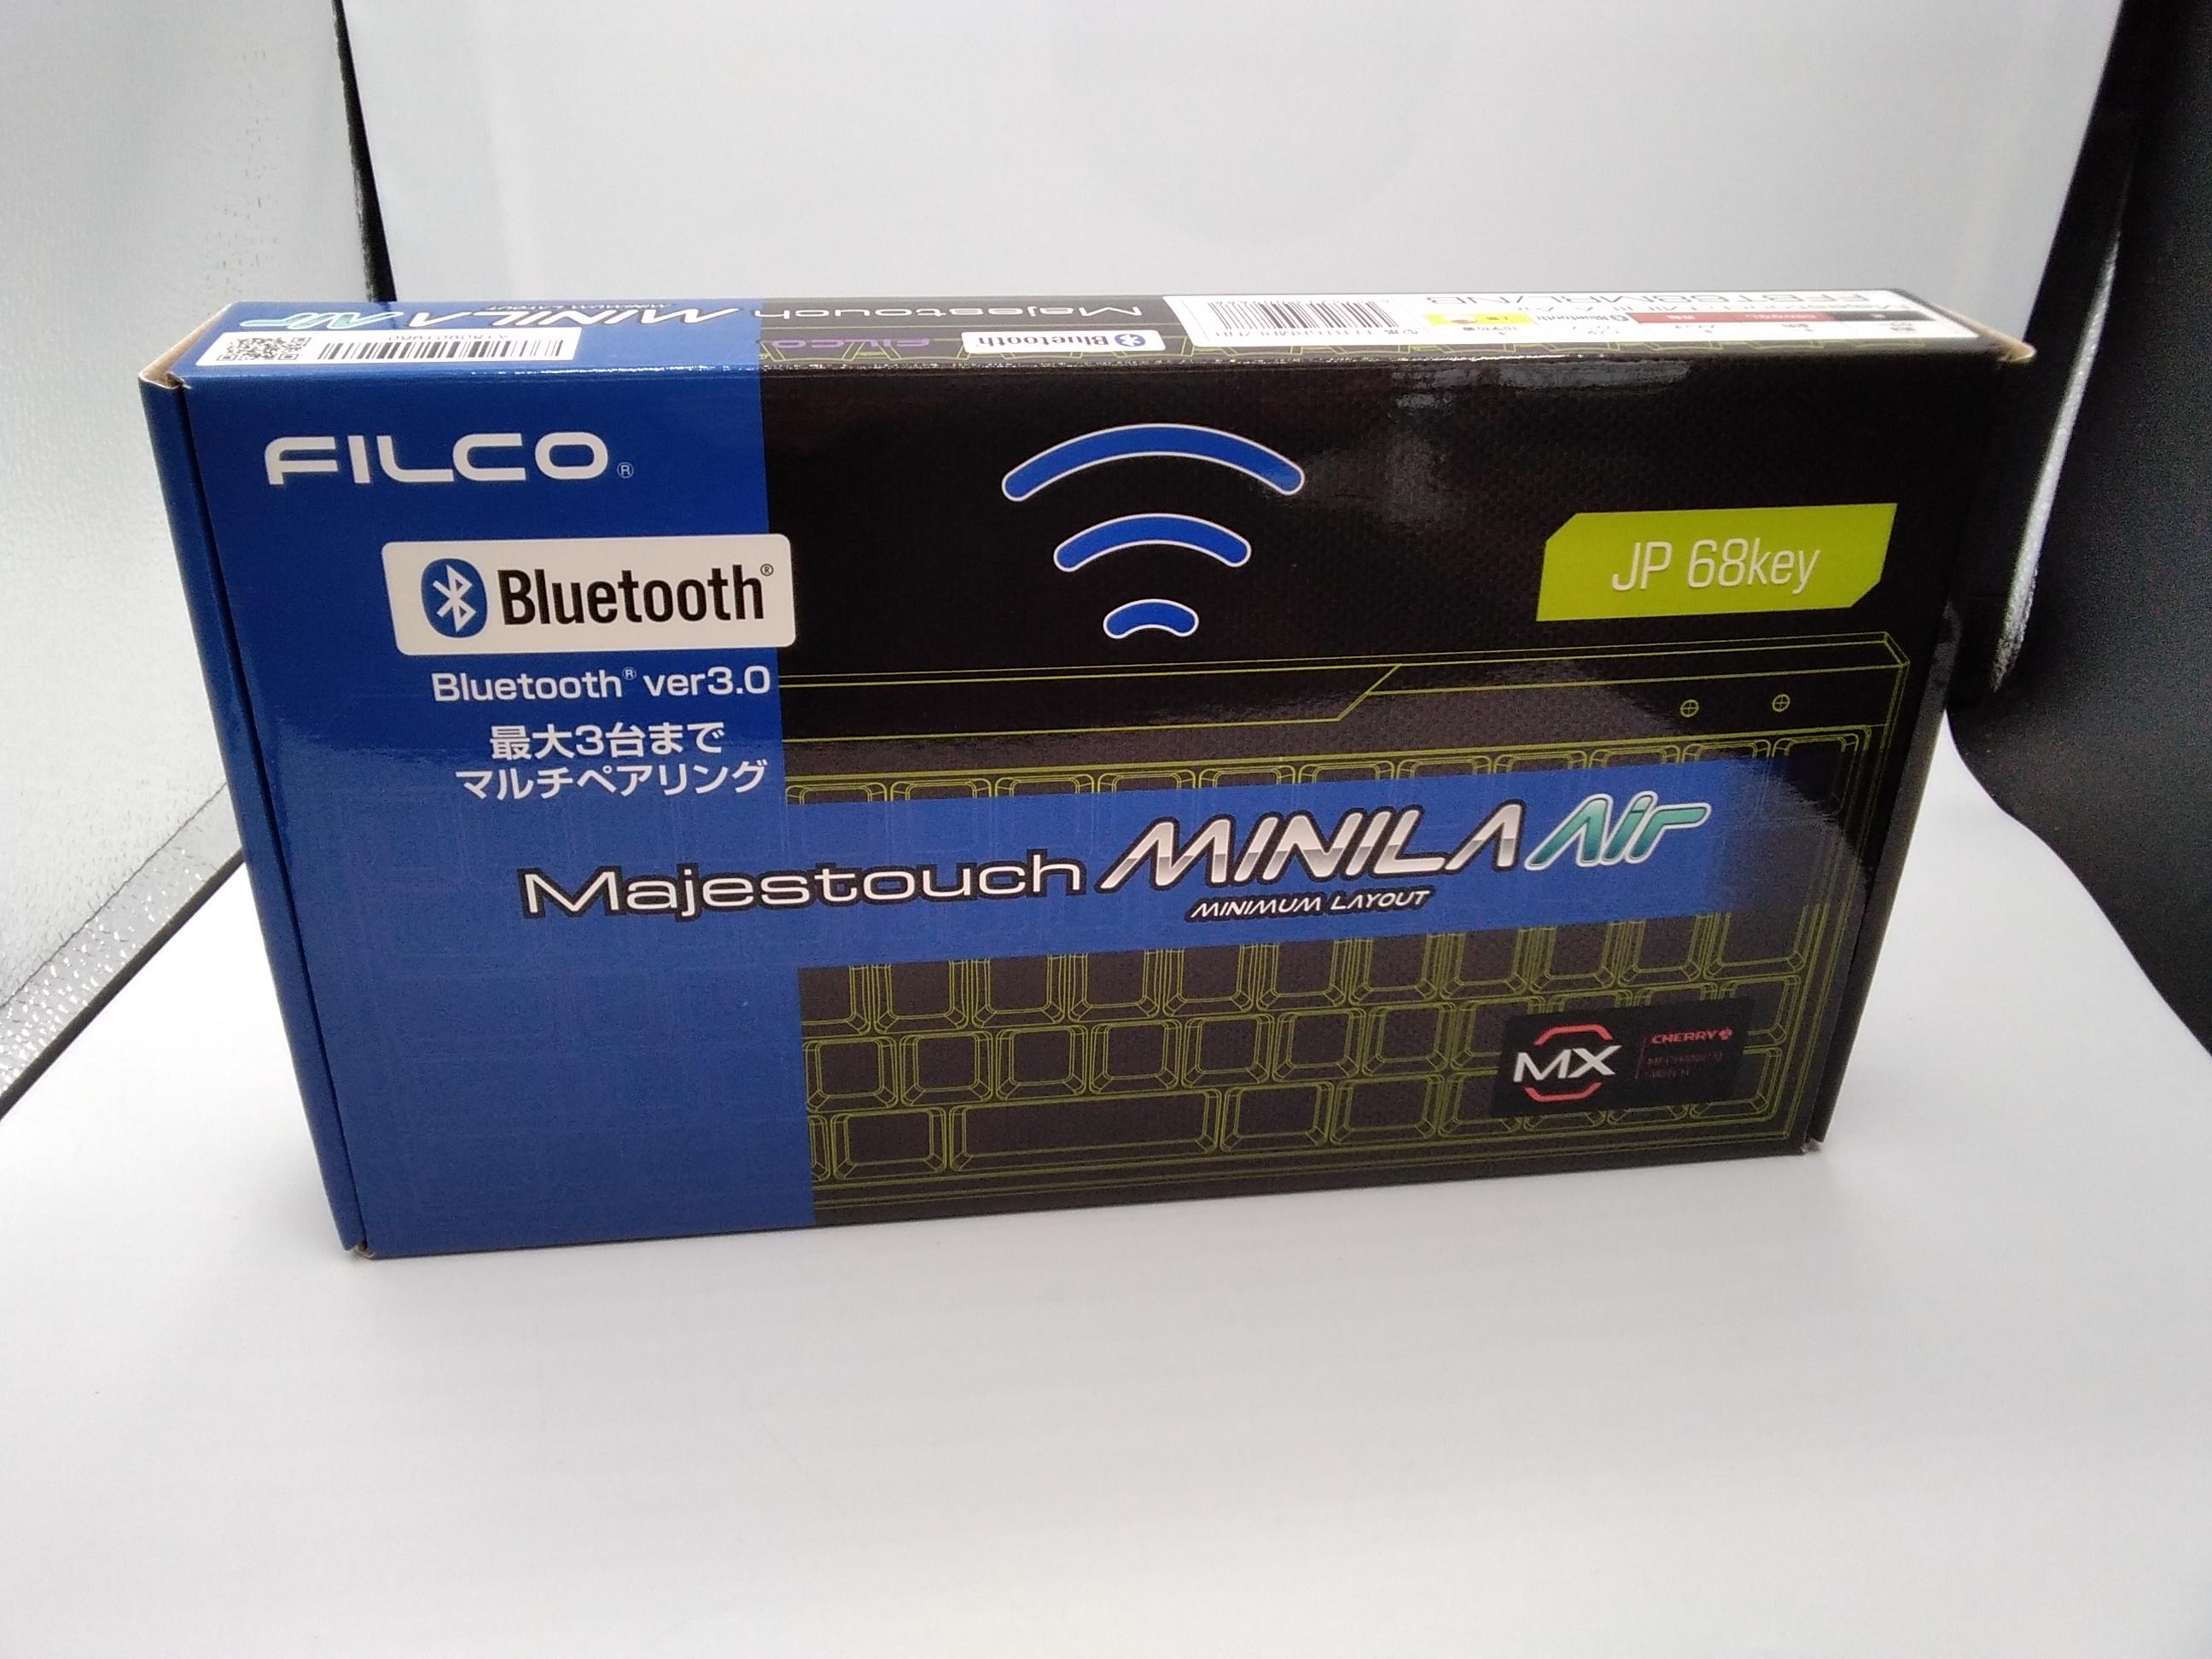 ワイヤレスキーボード|FILCO